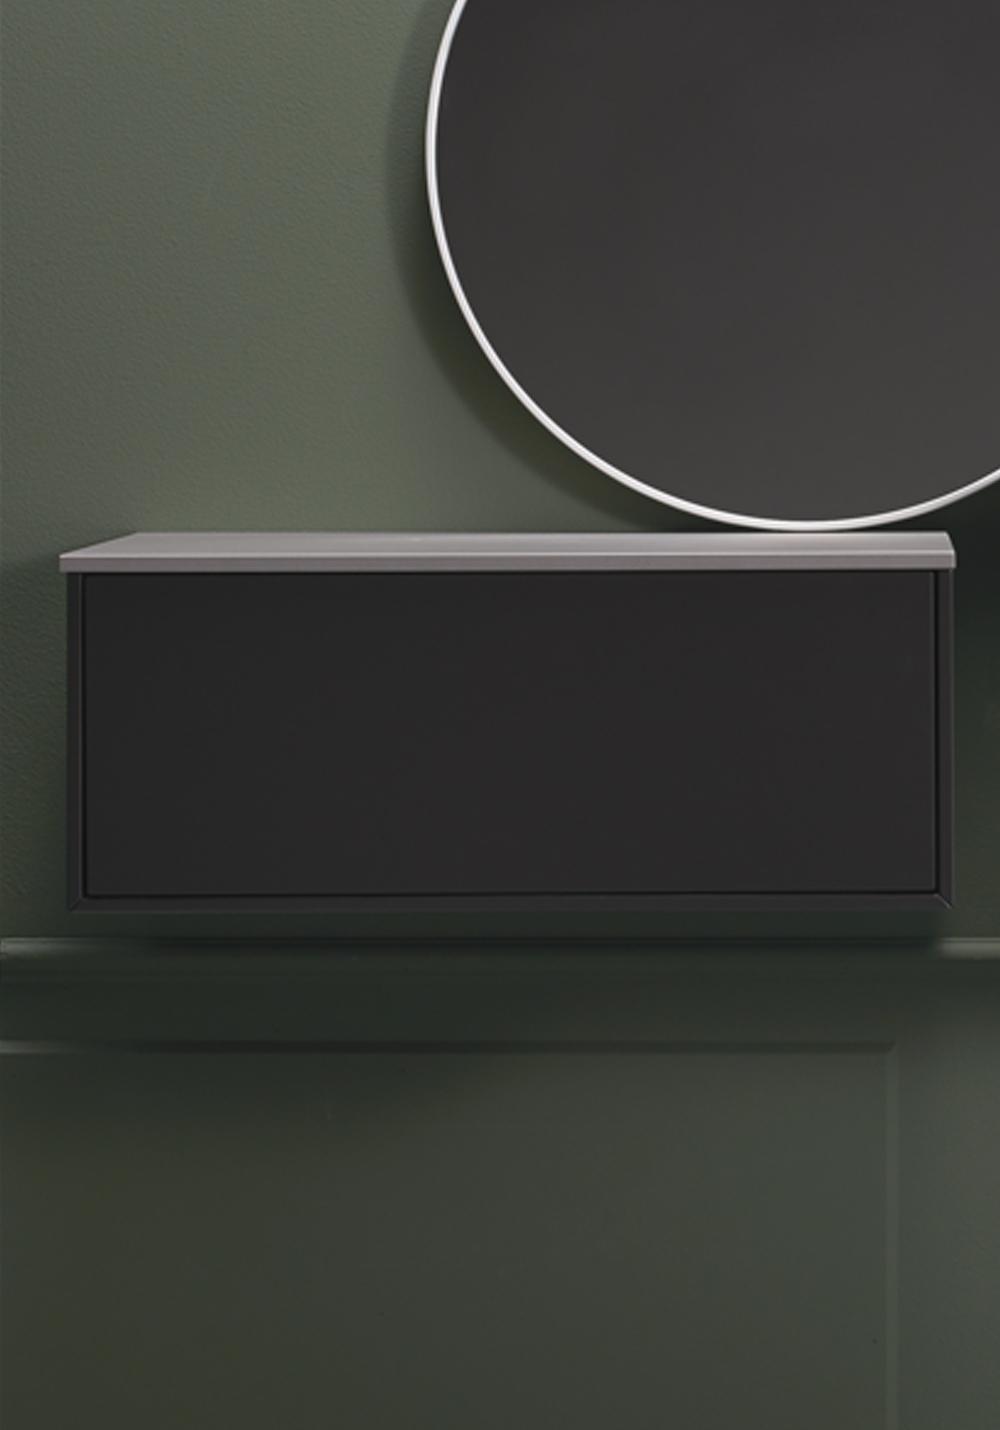 Baderomsskap Med Speil : Speil rundt med tynn lakkert ramme i hvitt ...